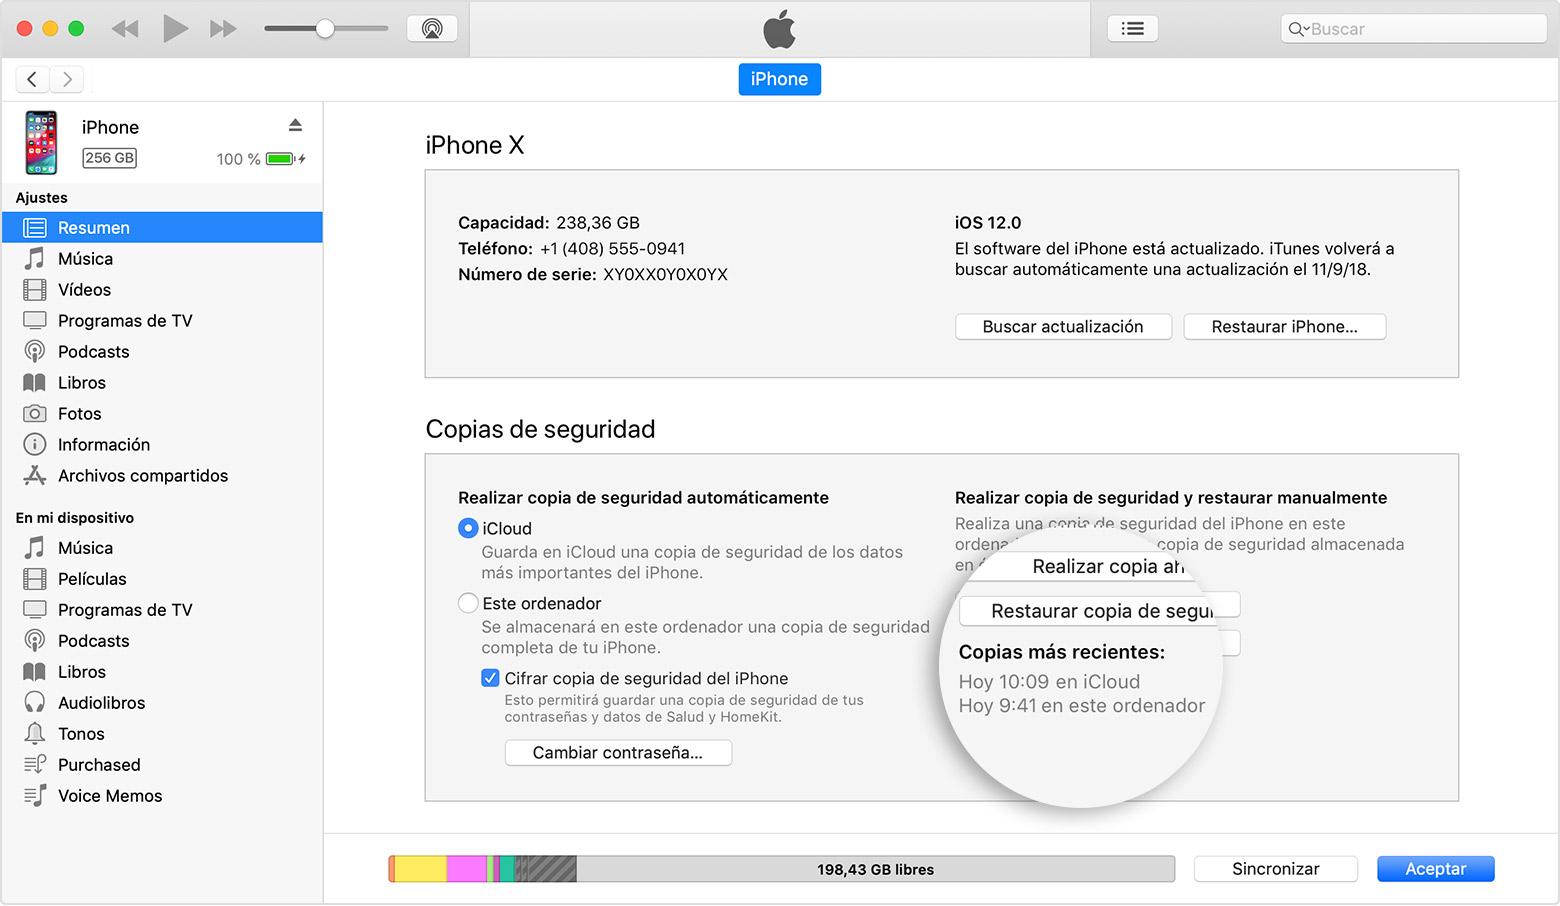 Come eliminare documenti e dati su iPhone e iPad in modo facile e veloce! 3